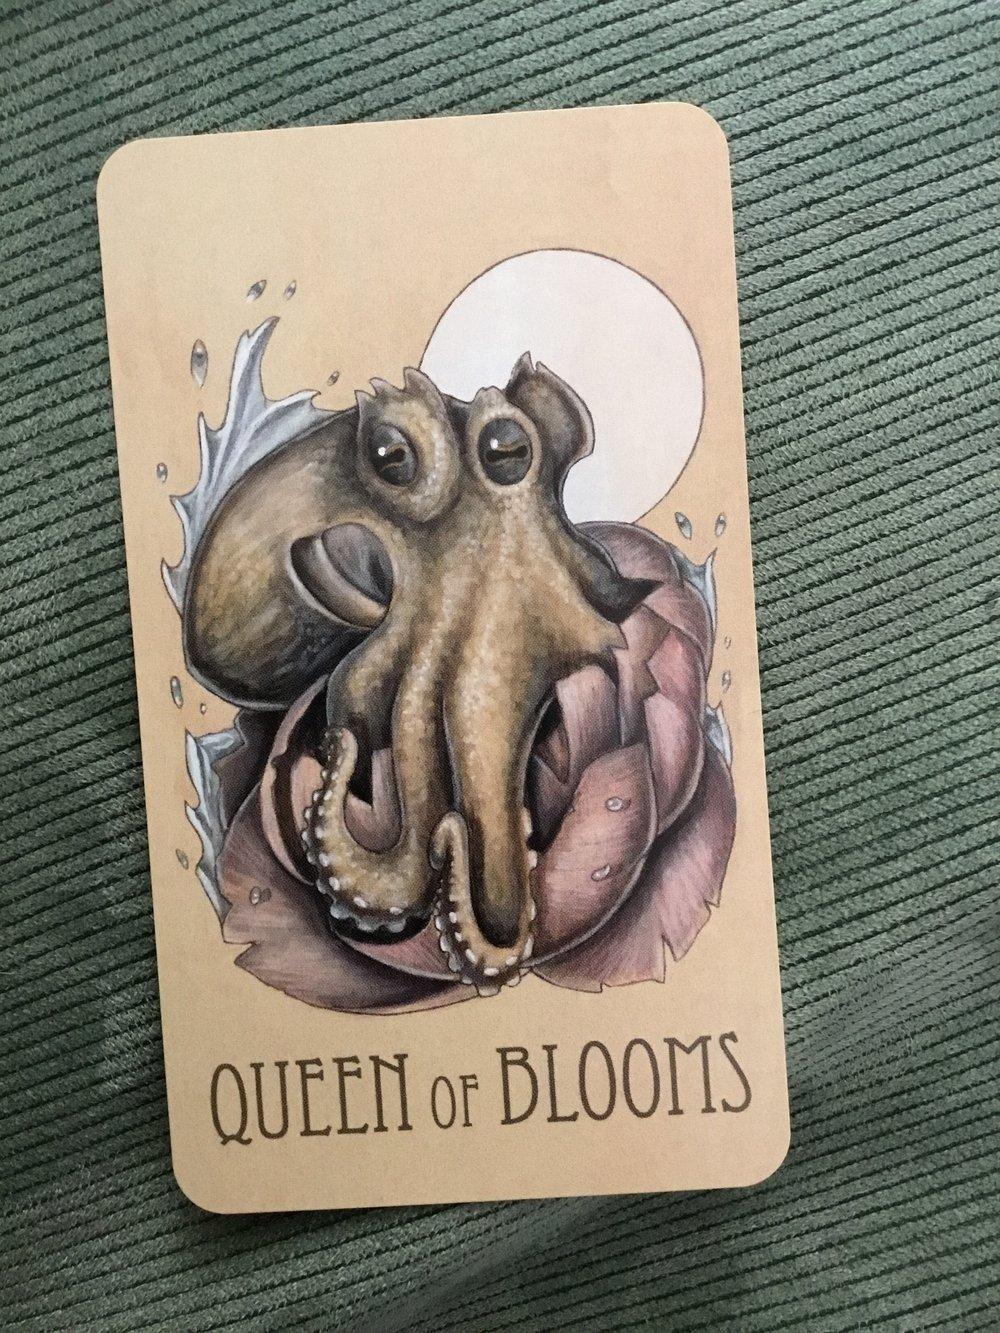 The Wooden Tarot deck